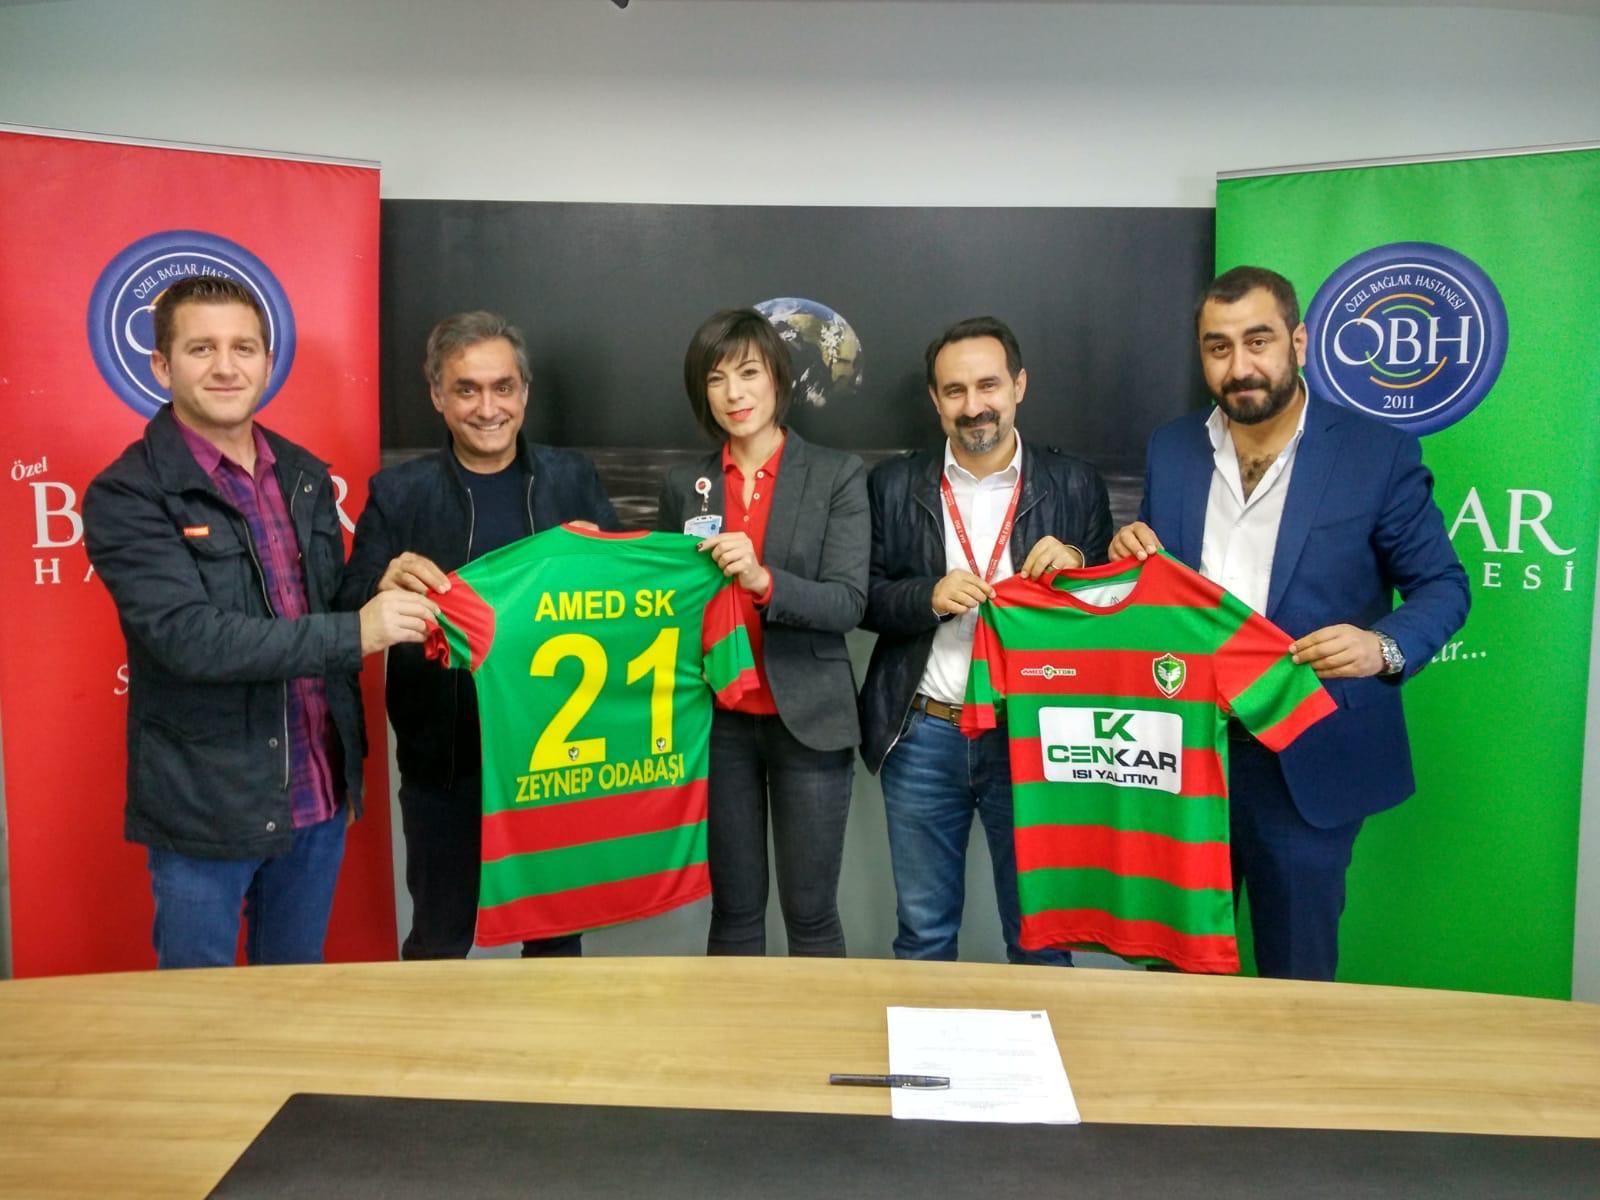 Amedspor'dan sponsorluk anlaşması